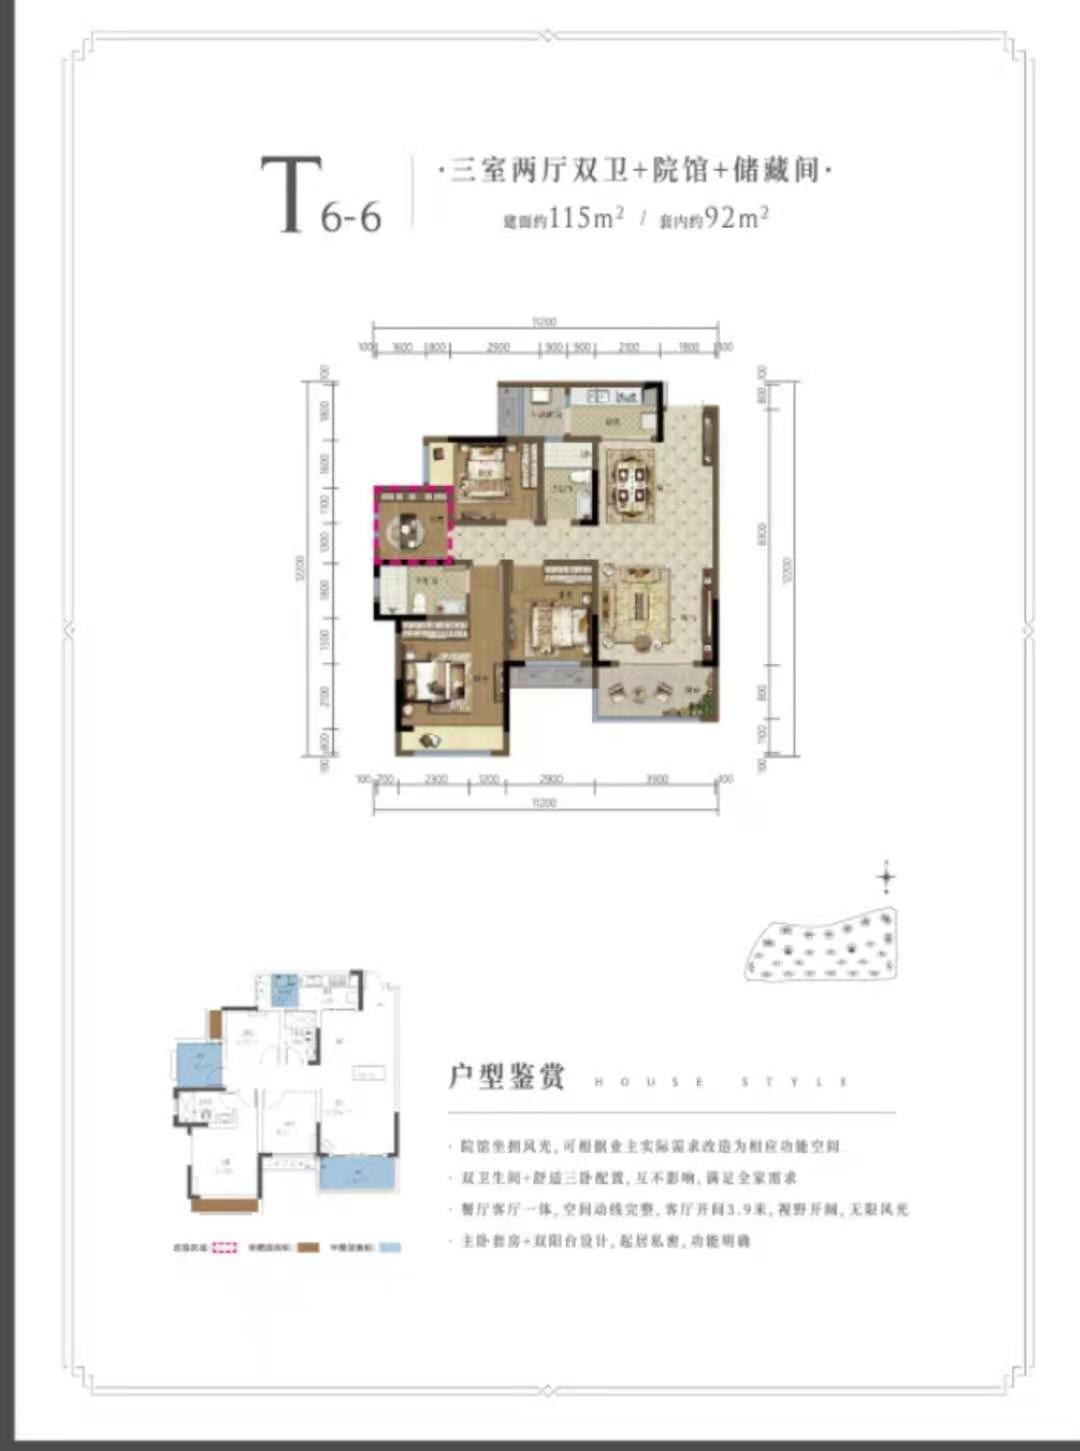 渝北区两路空港中国摩新房T6-6户型图